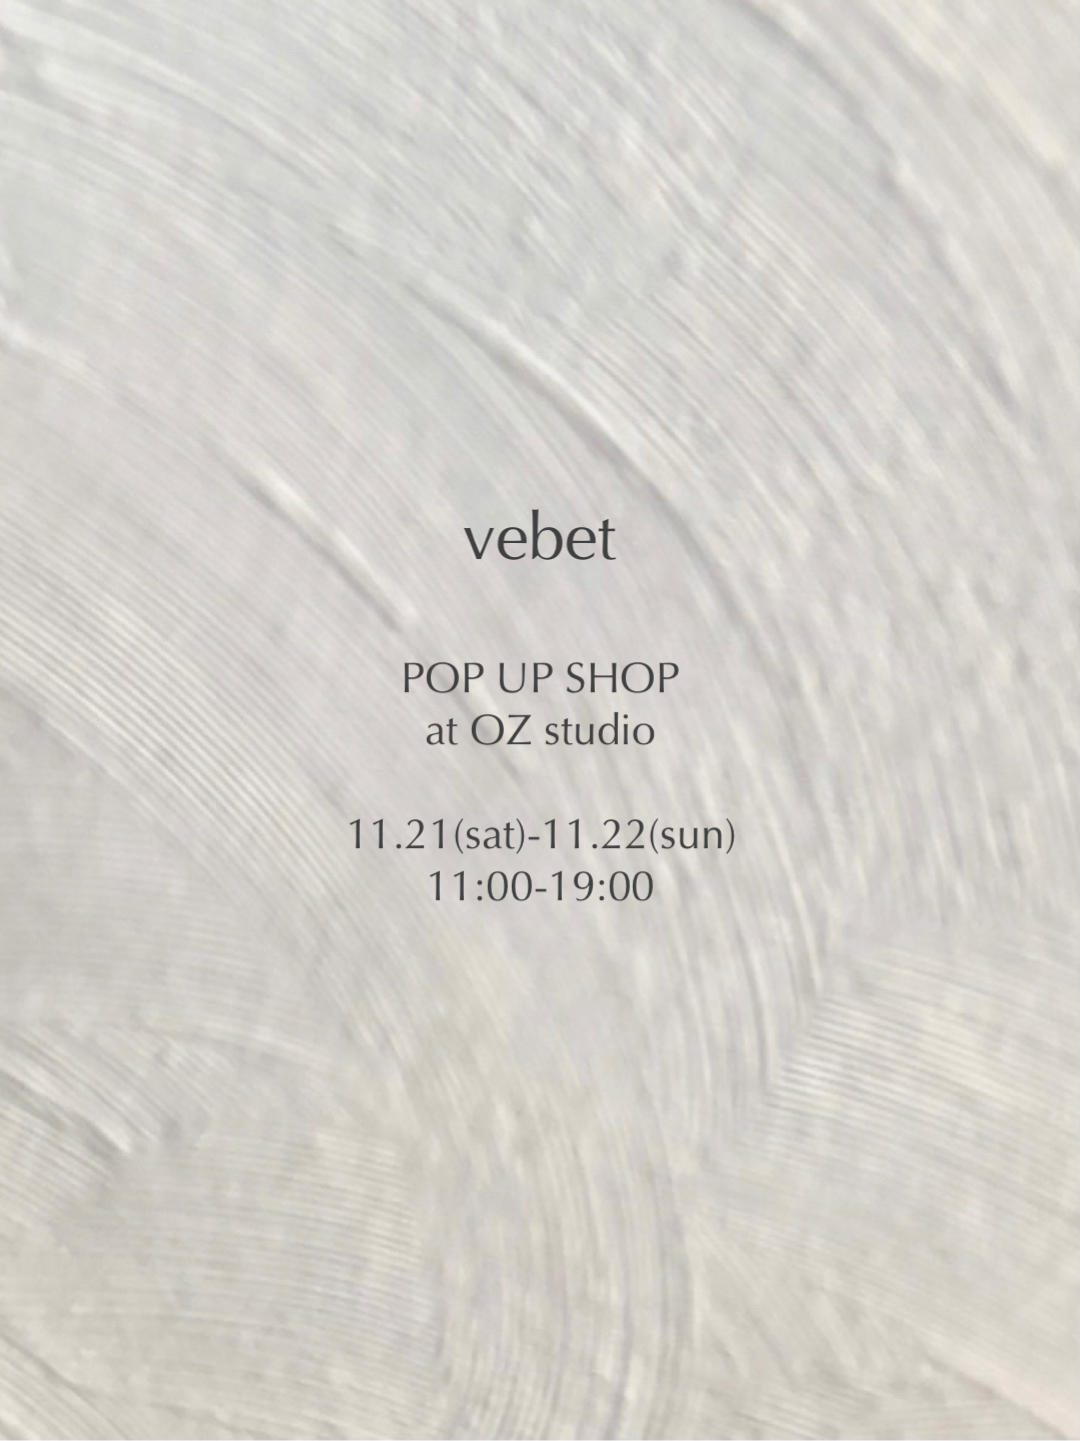 vebet POP UP SHOP 11.21(sat) - 11.22(sun)